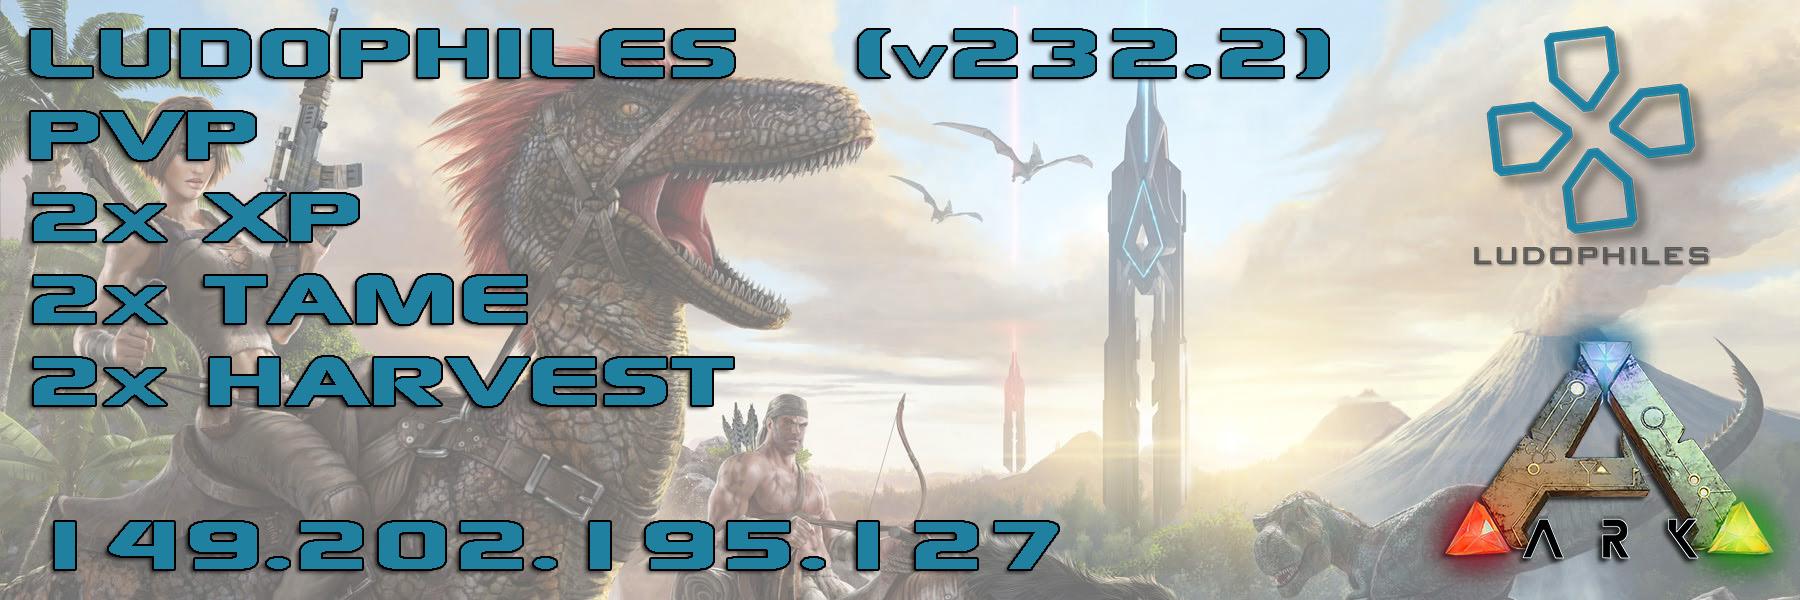 Ark banner v232.2.jpg